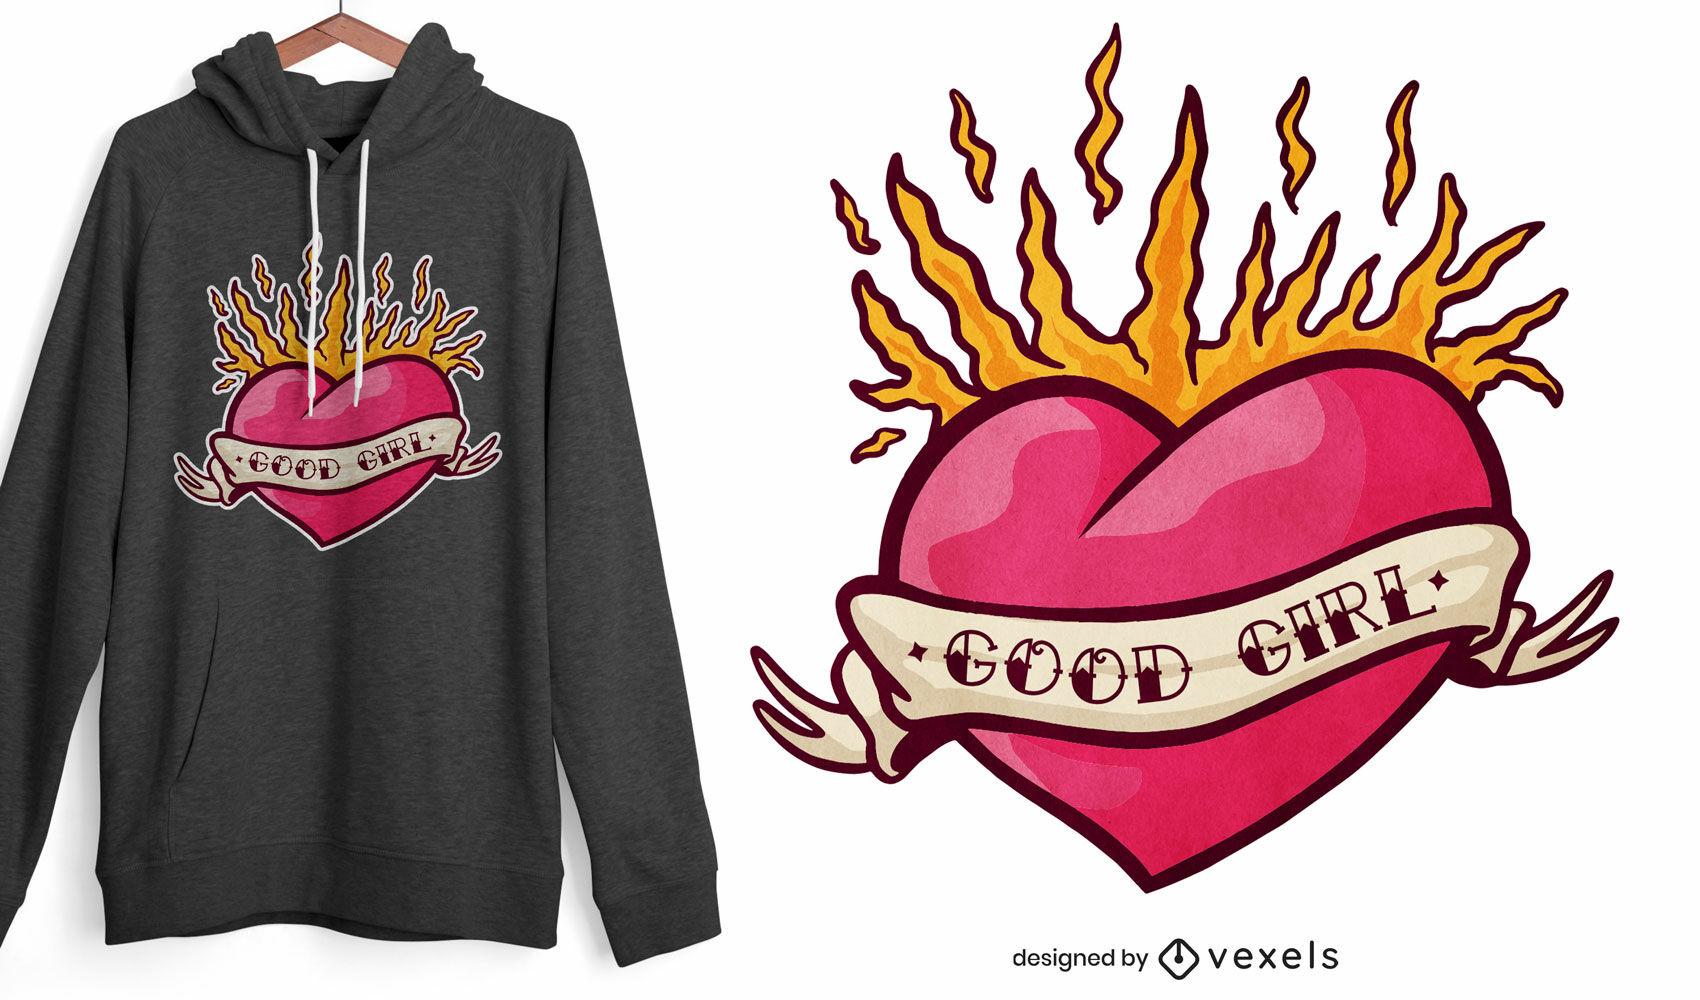 Heart on fire tattoo t-shirt design